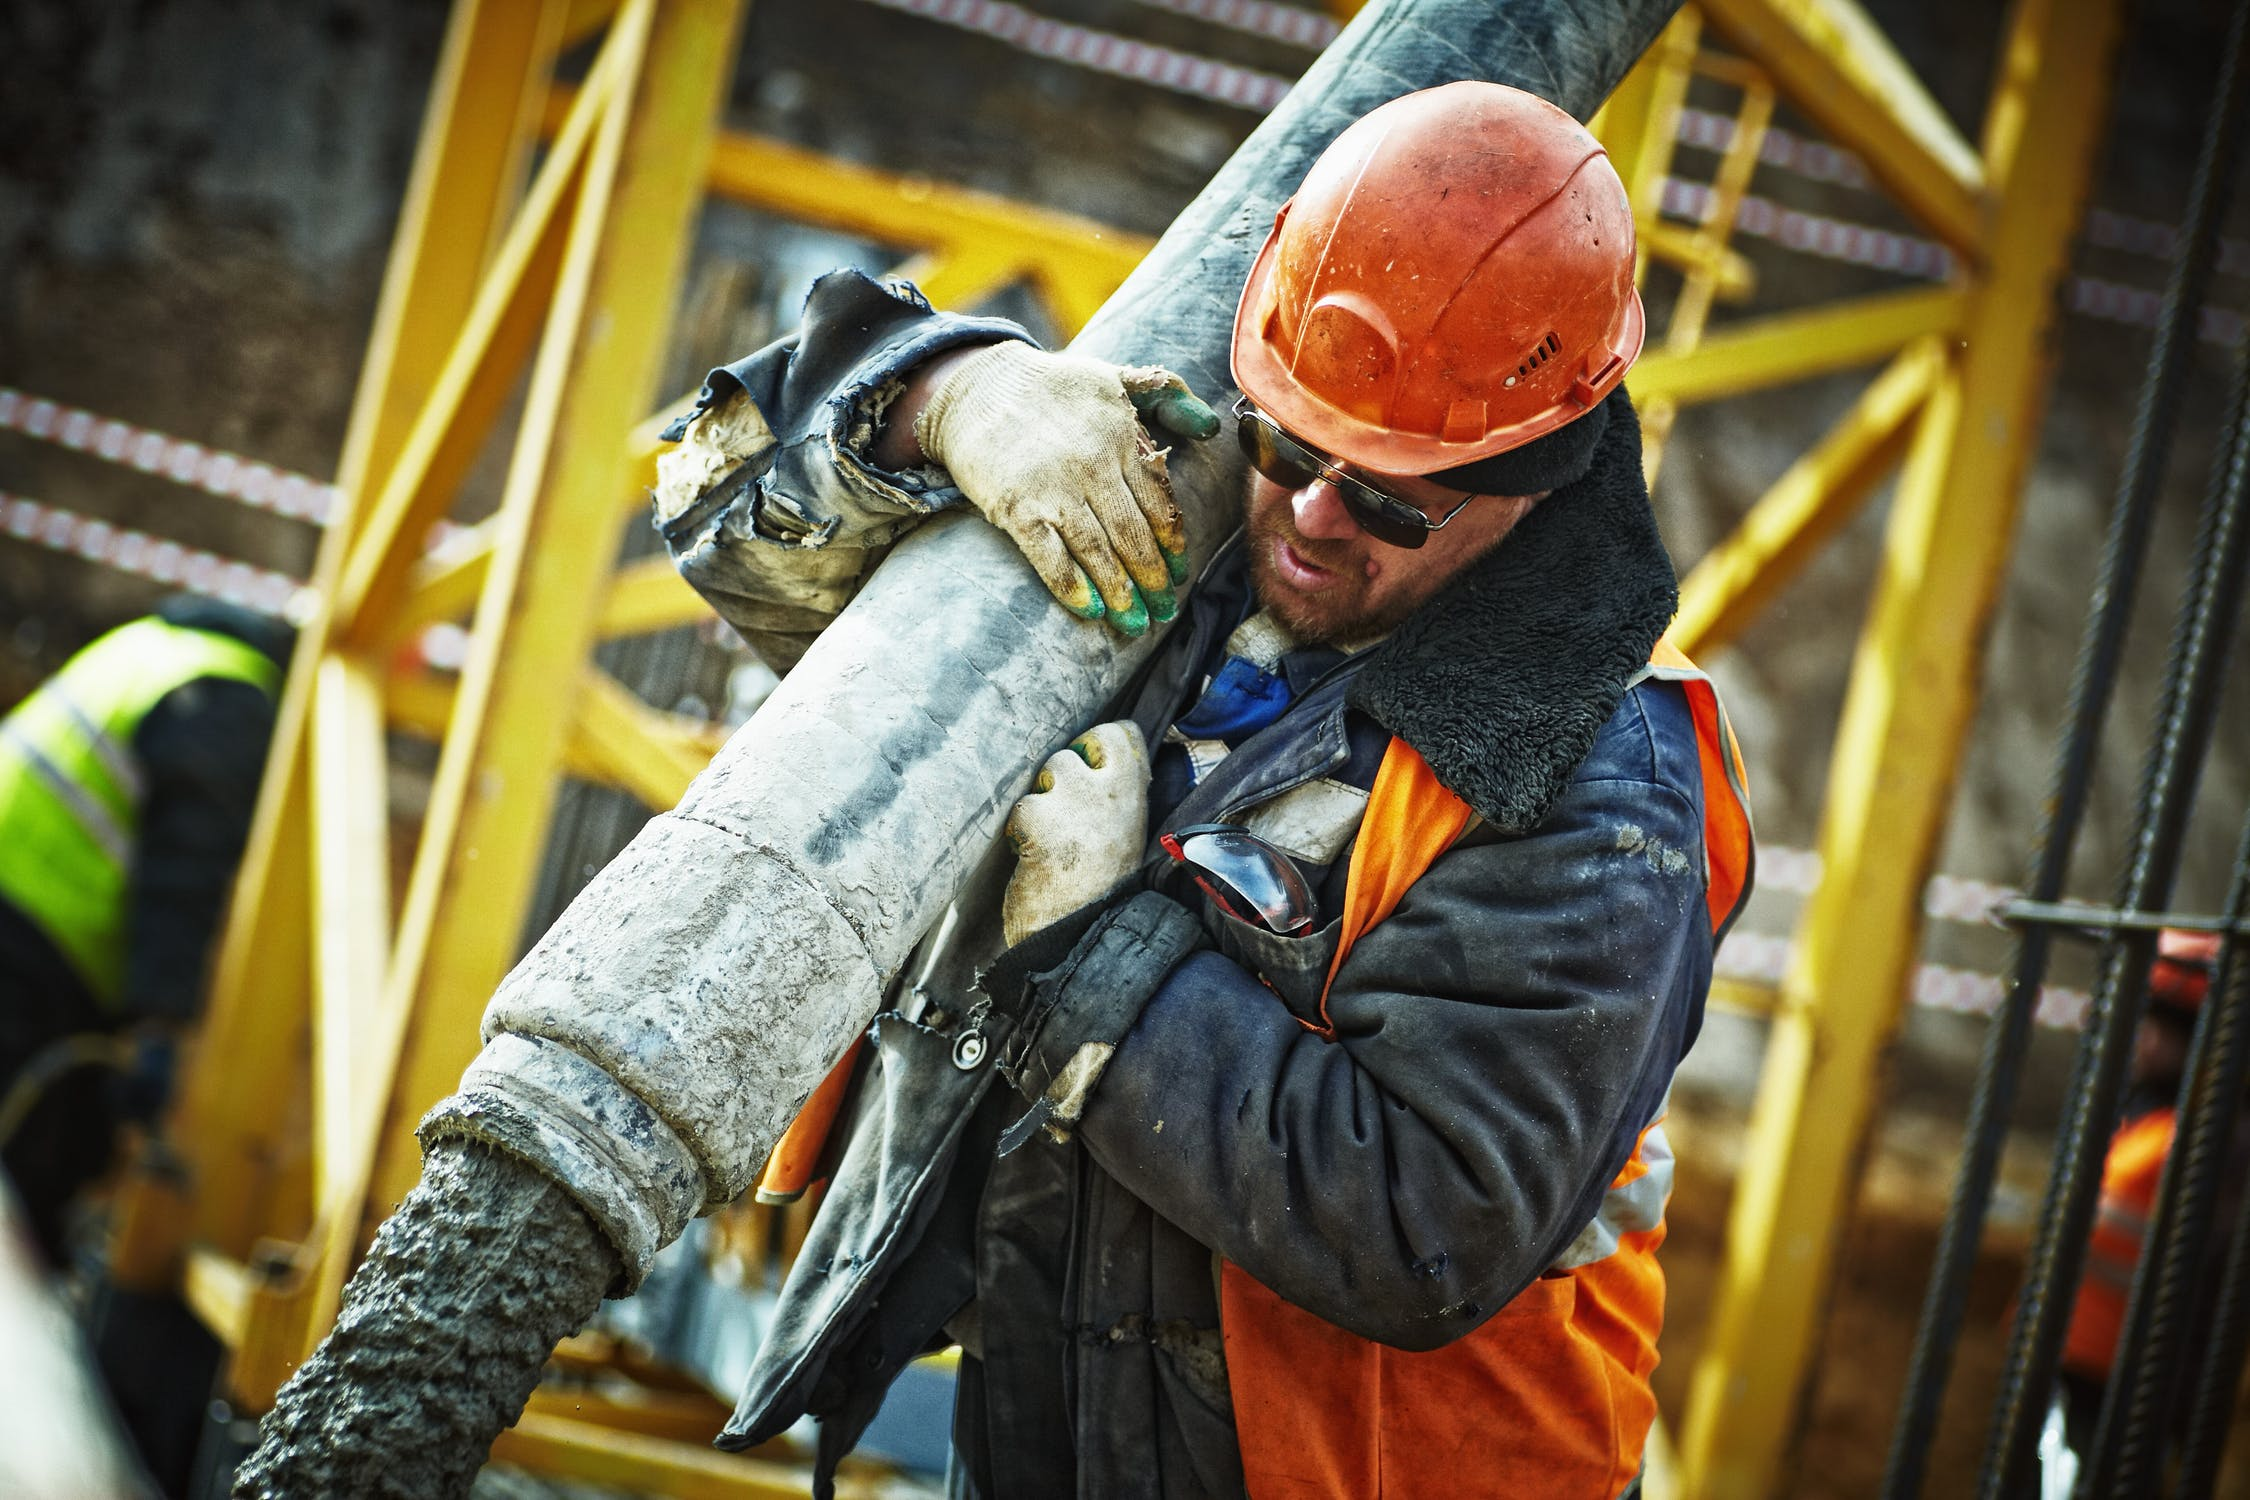 Sicurezza sul lavoro dalla Regione Lazio 2 milioni